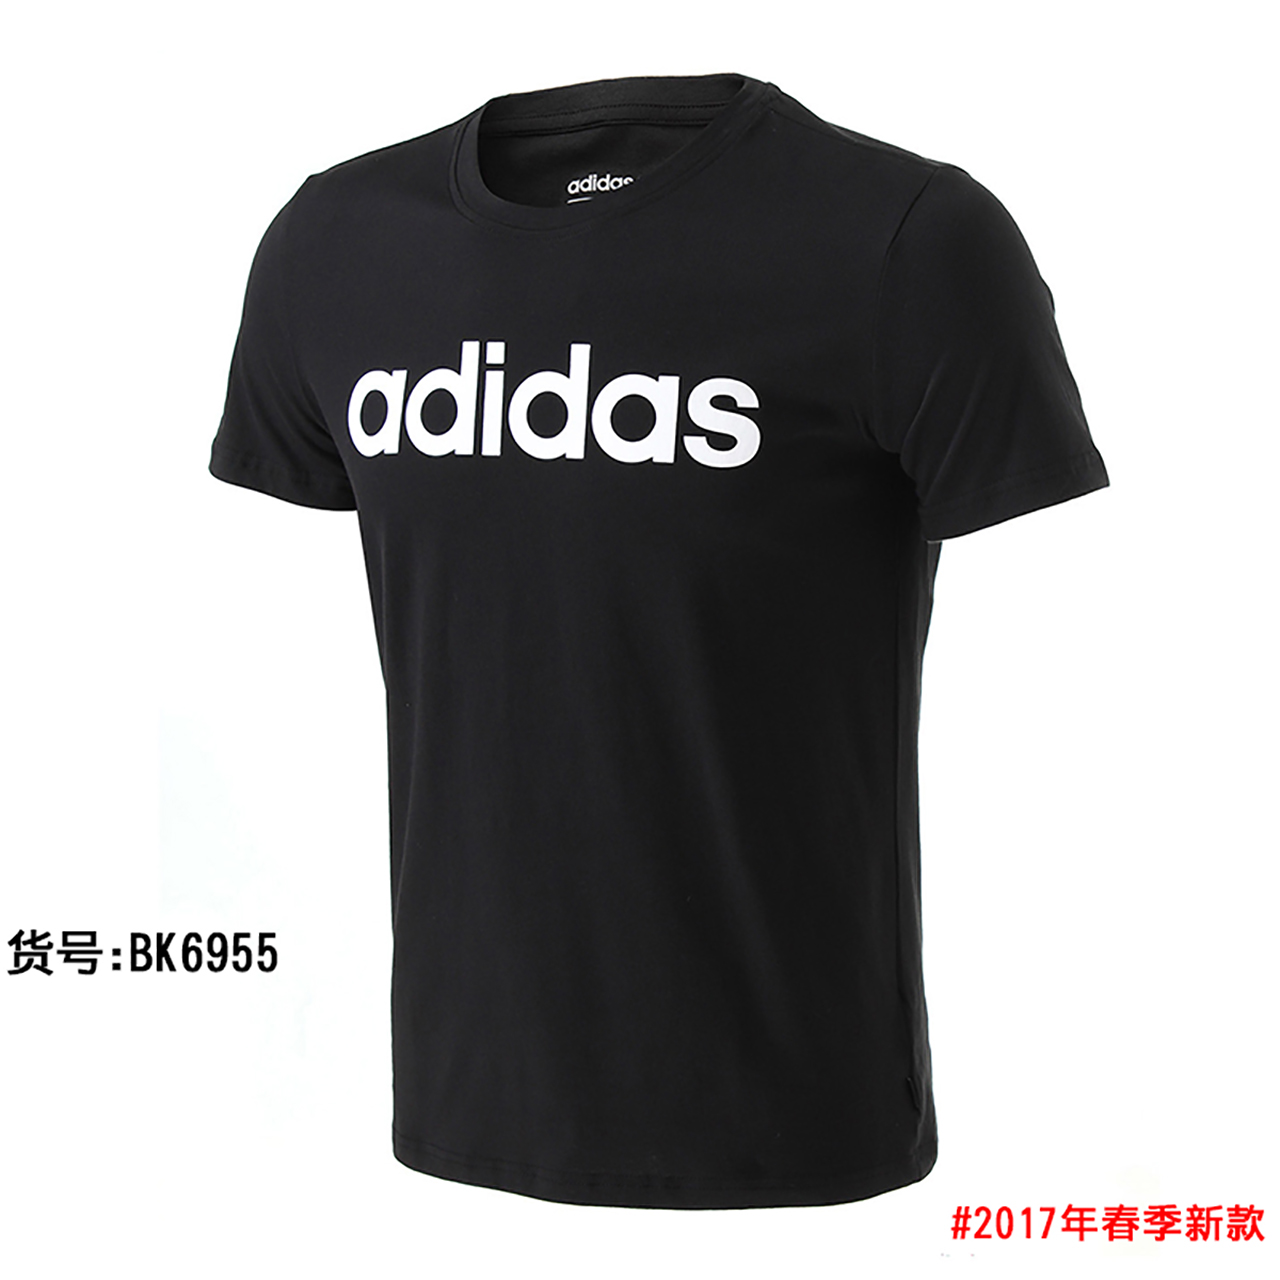 Adidas короткий рукав T футболки мужской 17 новый человек сын быстросохнущие воздухопроницаемый хлопок круглый вырез движение лето t футболки куртка